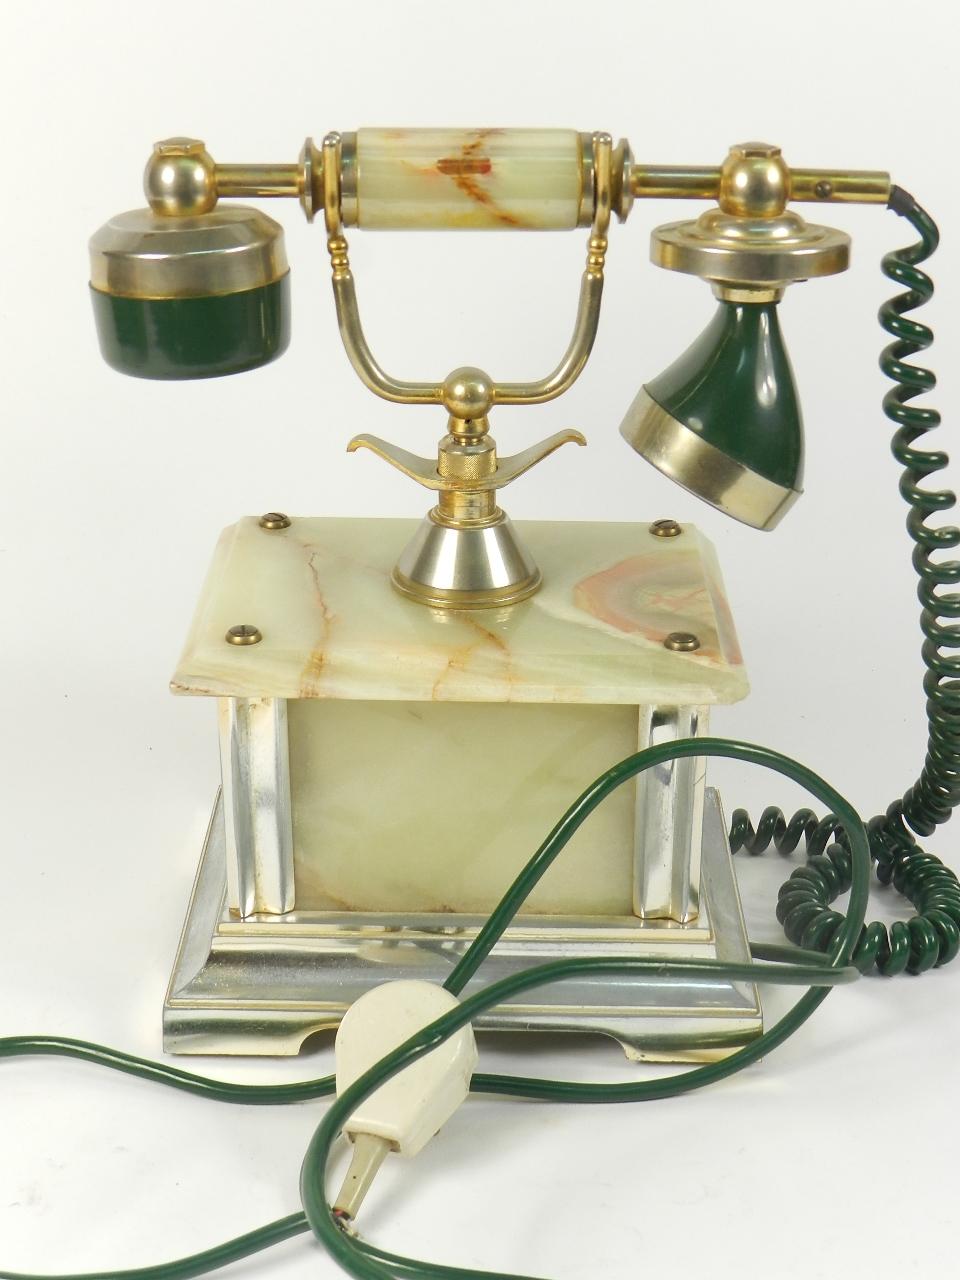 Imagen TELEFONO SOBREMESA ONIX VERDE AÑO 1960 35367